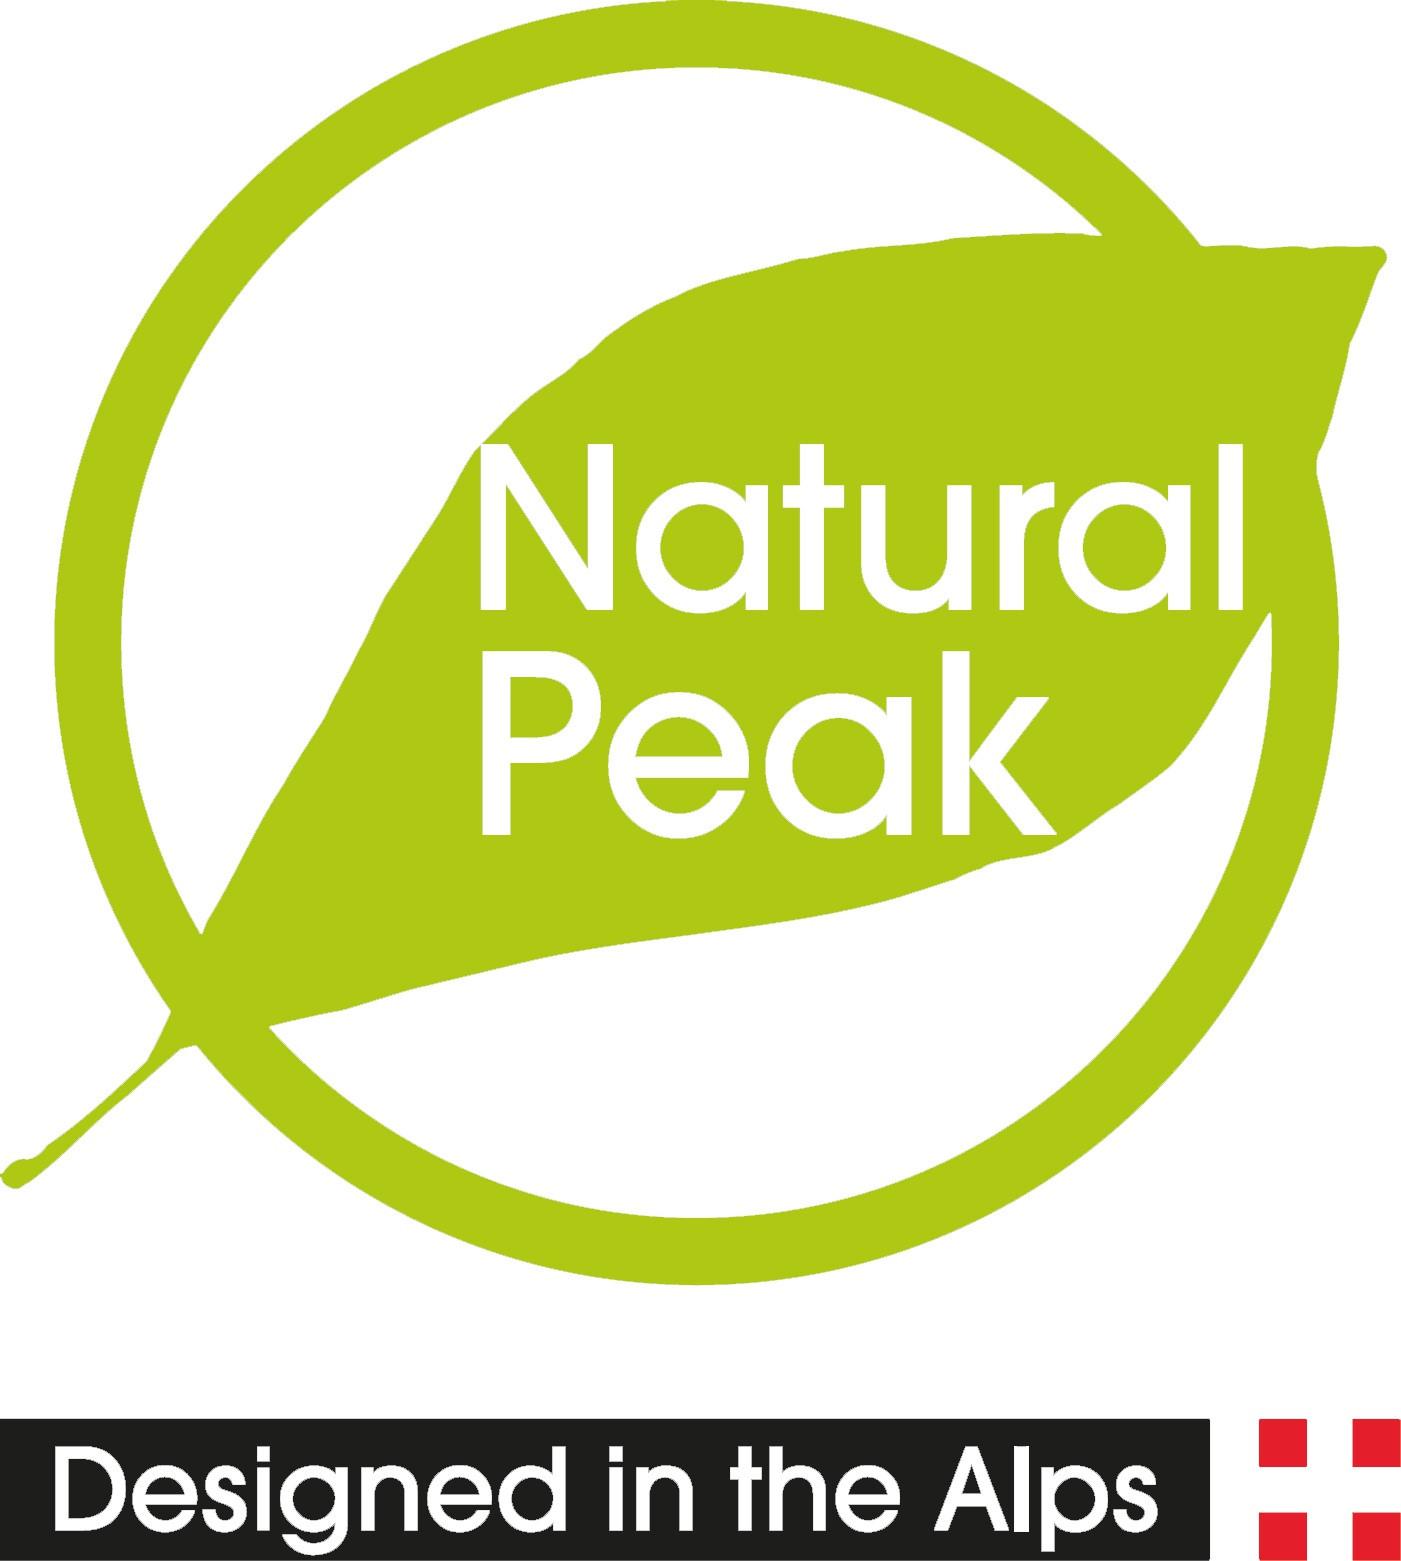 Natural Peak